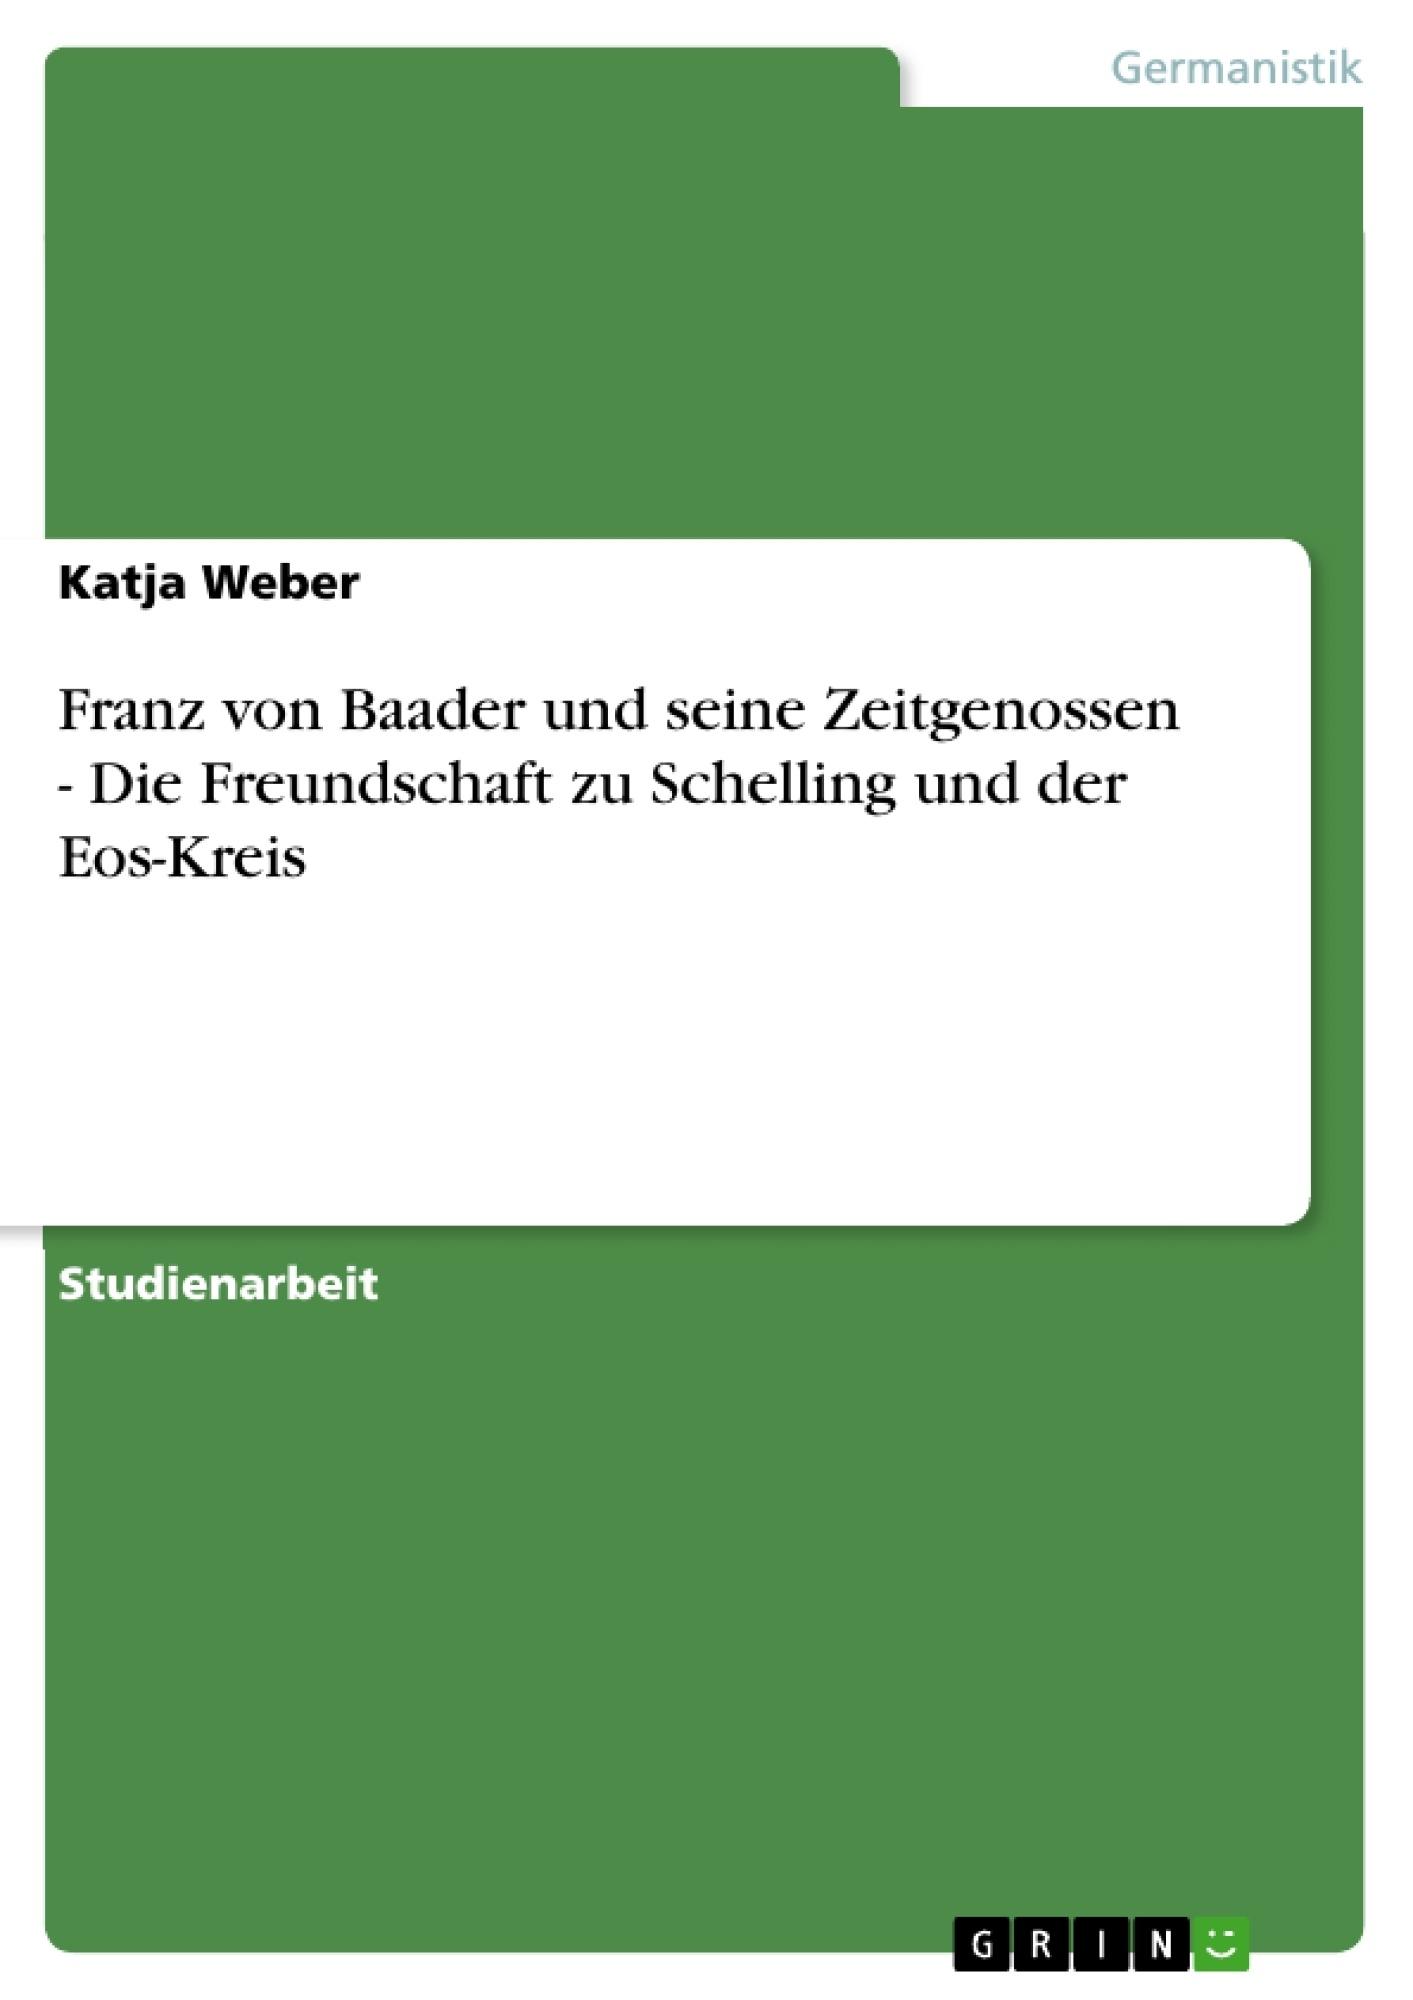 Titel: Franz von Baader und seine Zeitgenossen - Die Freundschaft zu Schelling und der Eos-Kreis